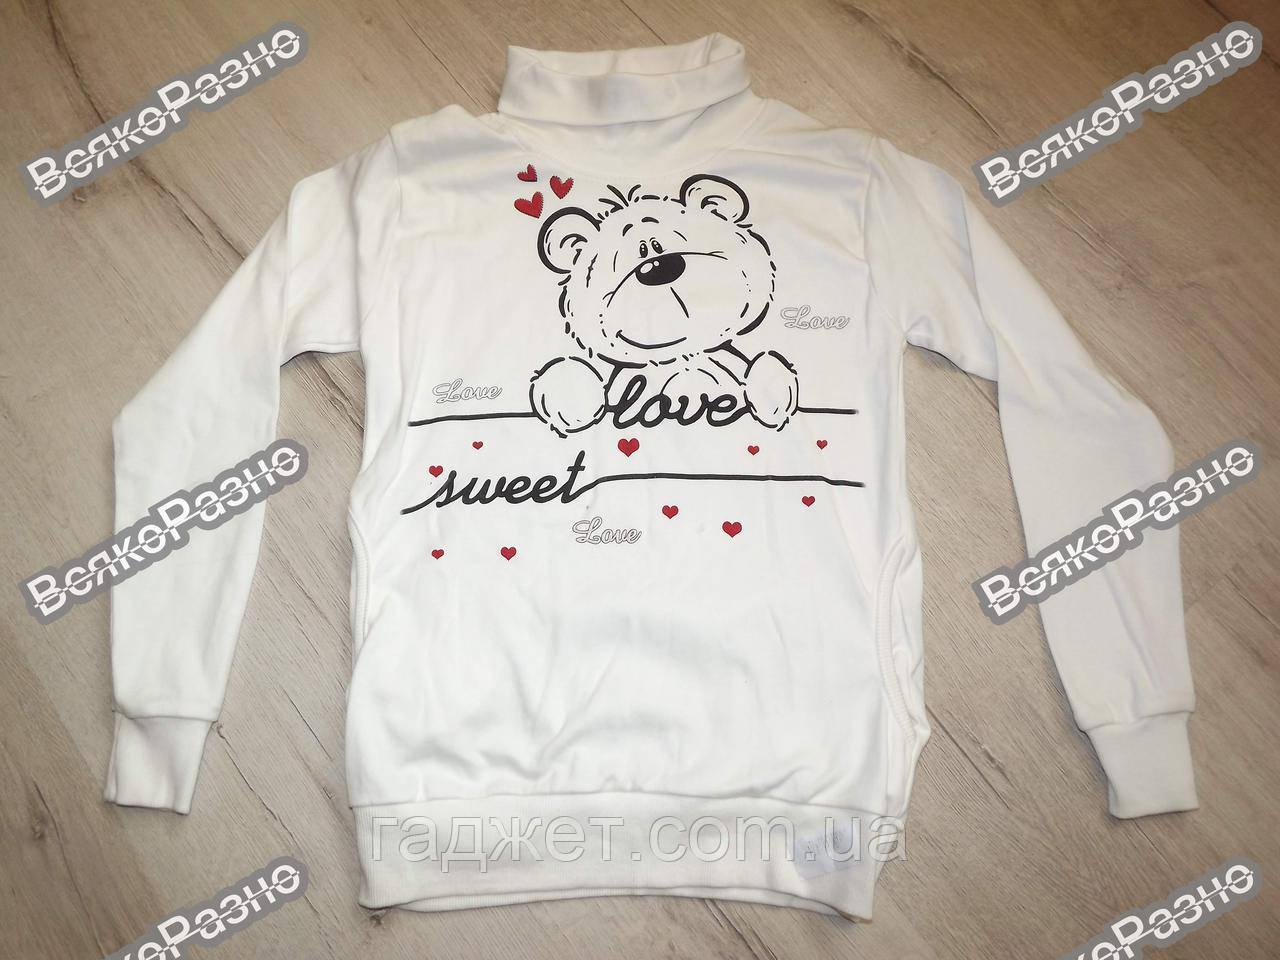 Кофта / реглан / светр жіночий білого кольору.